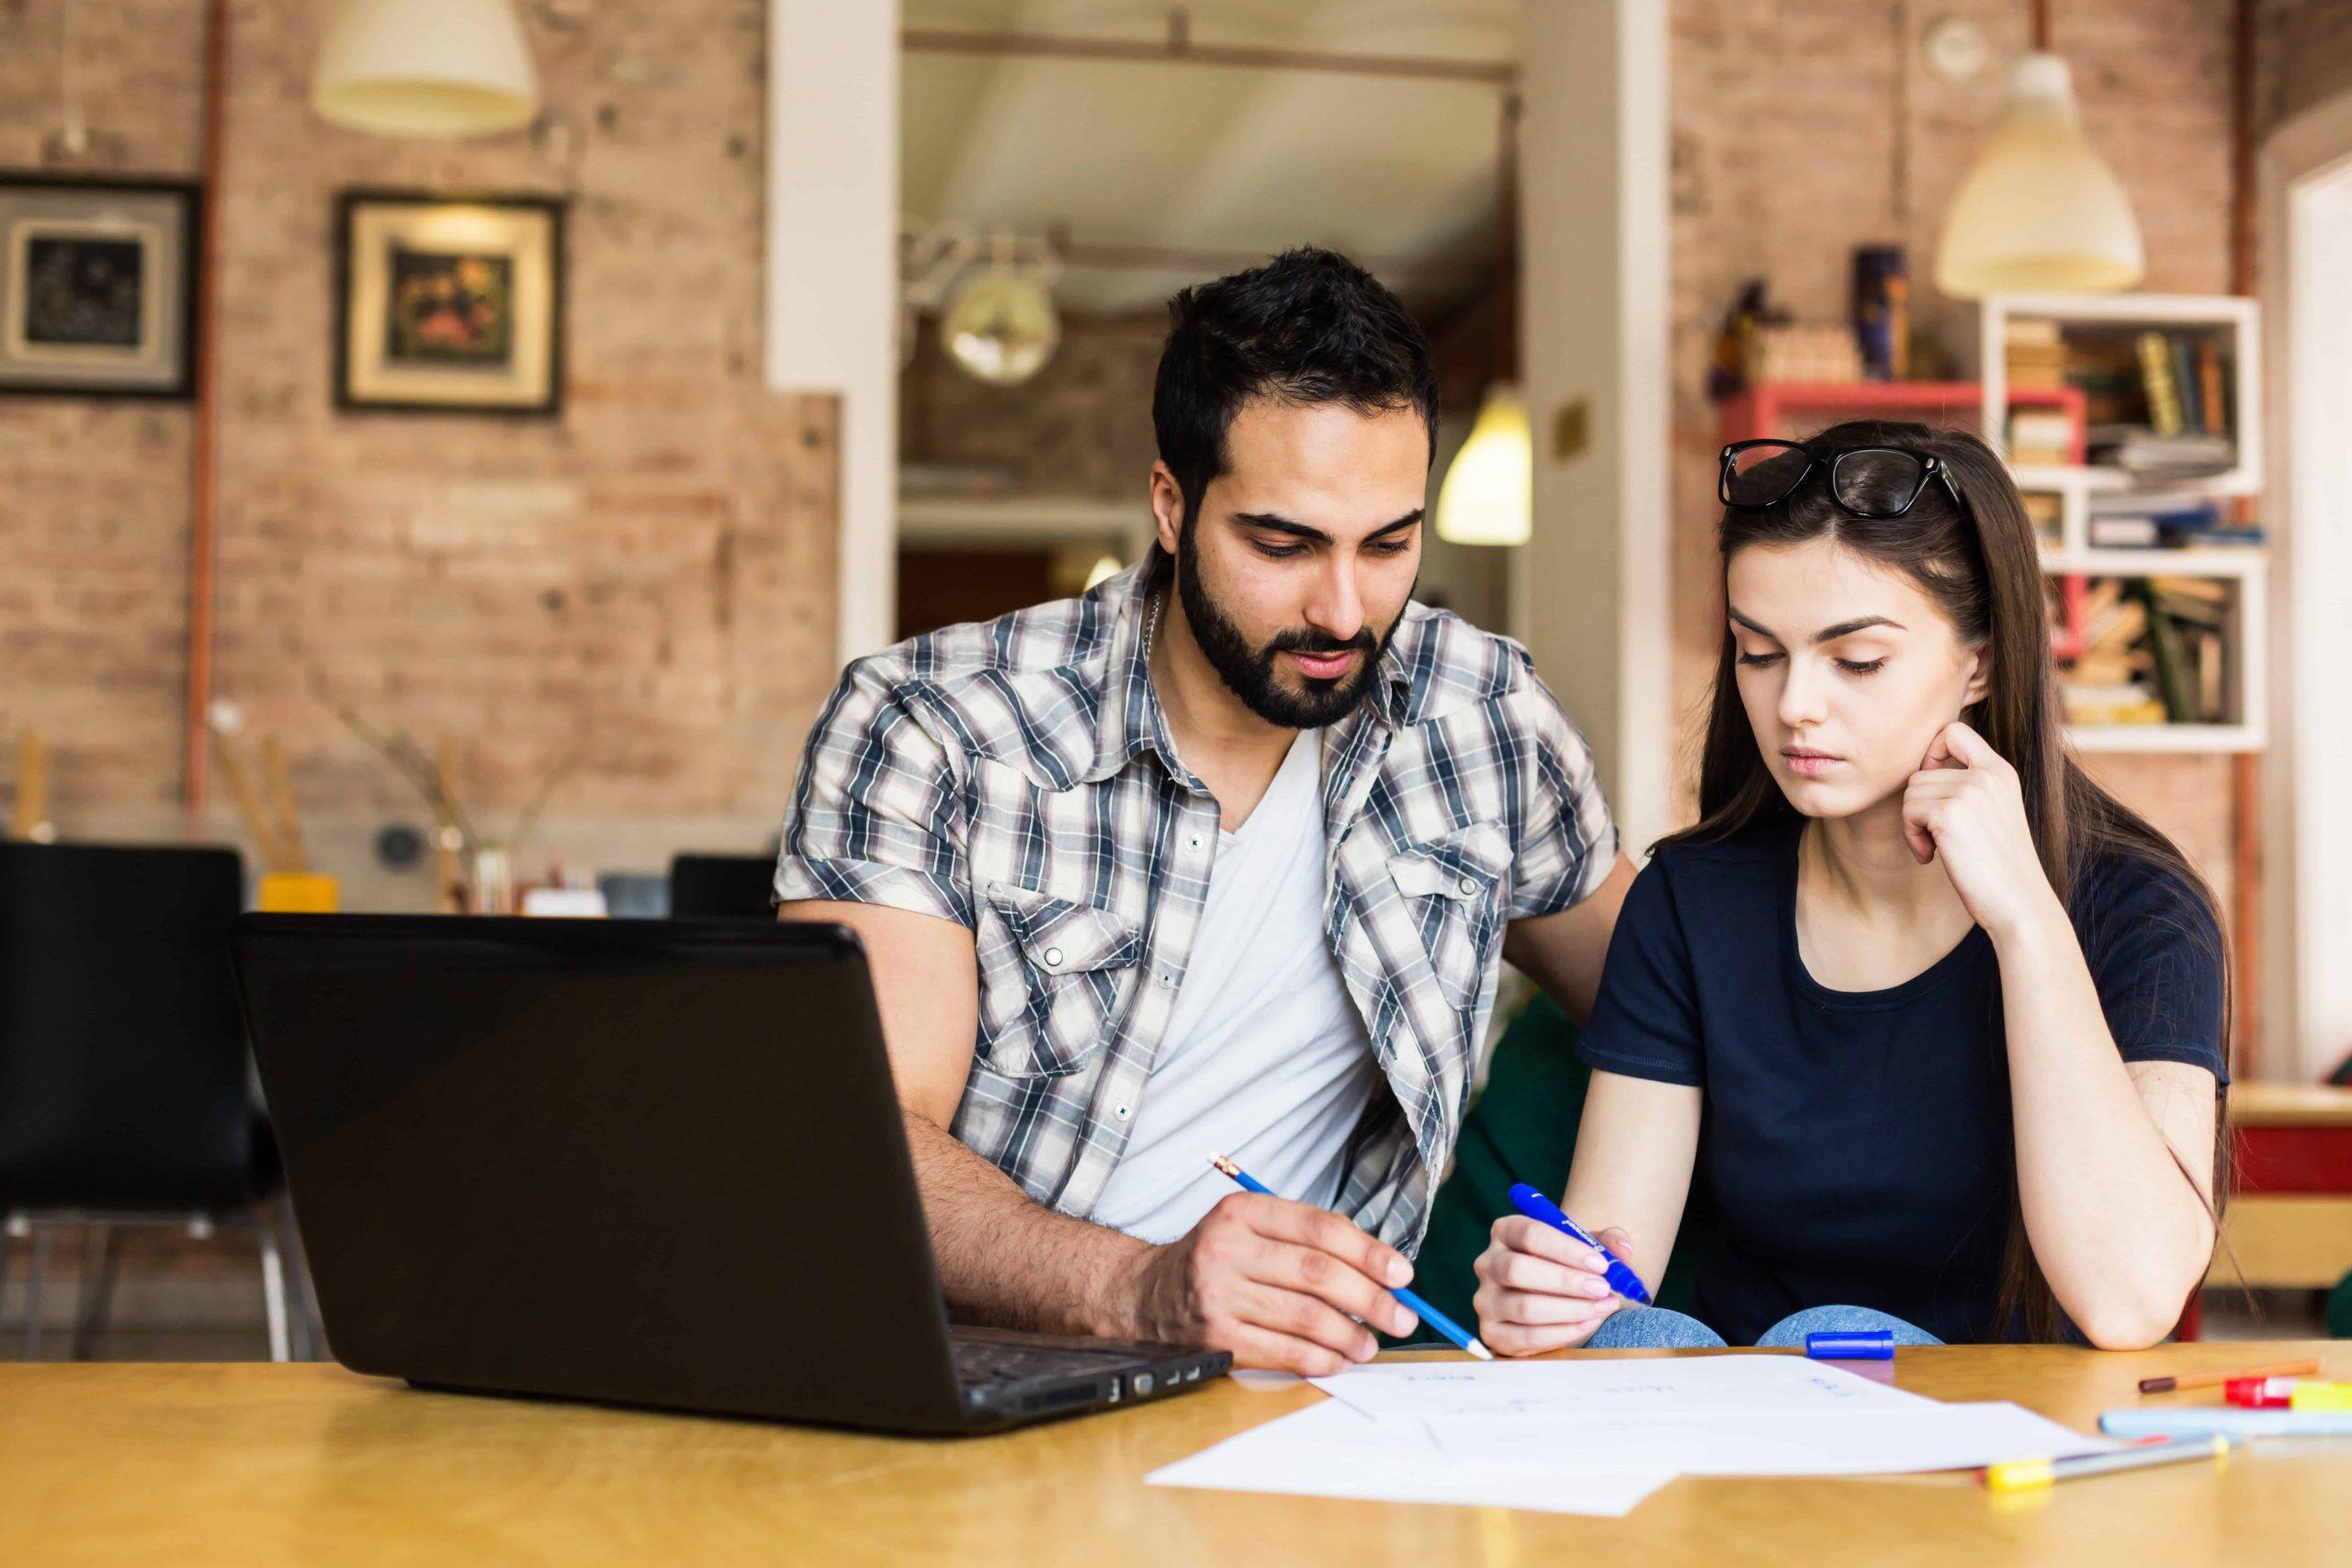 substandard home insurance